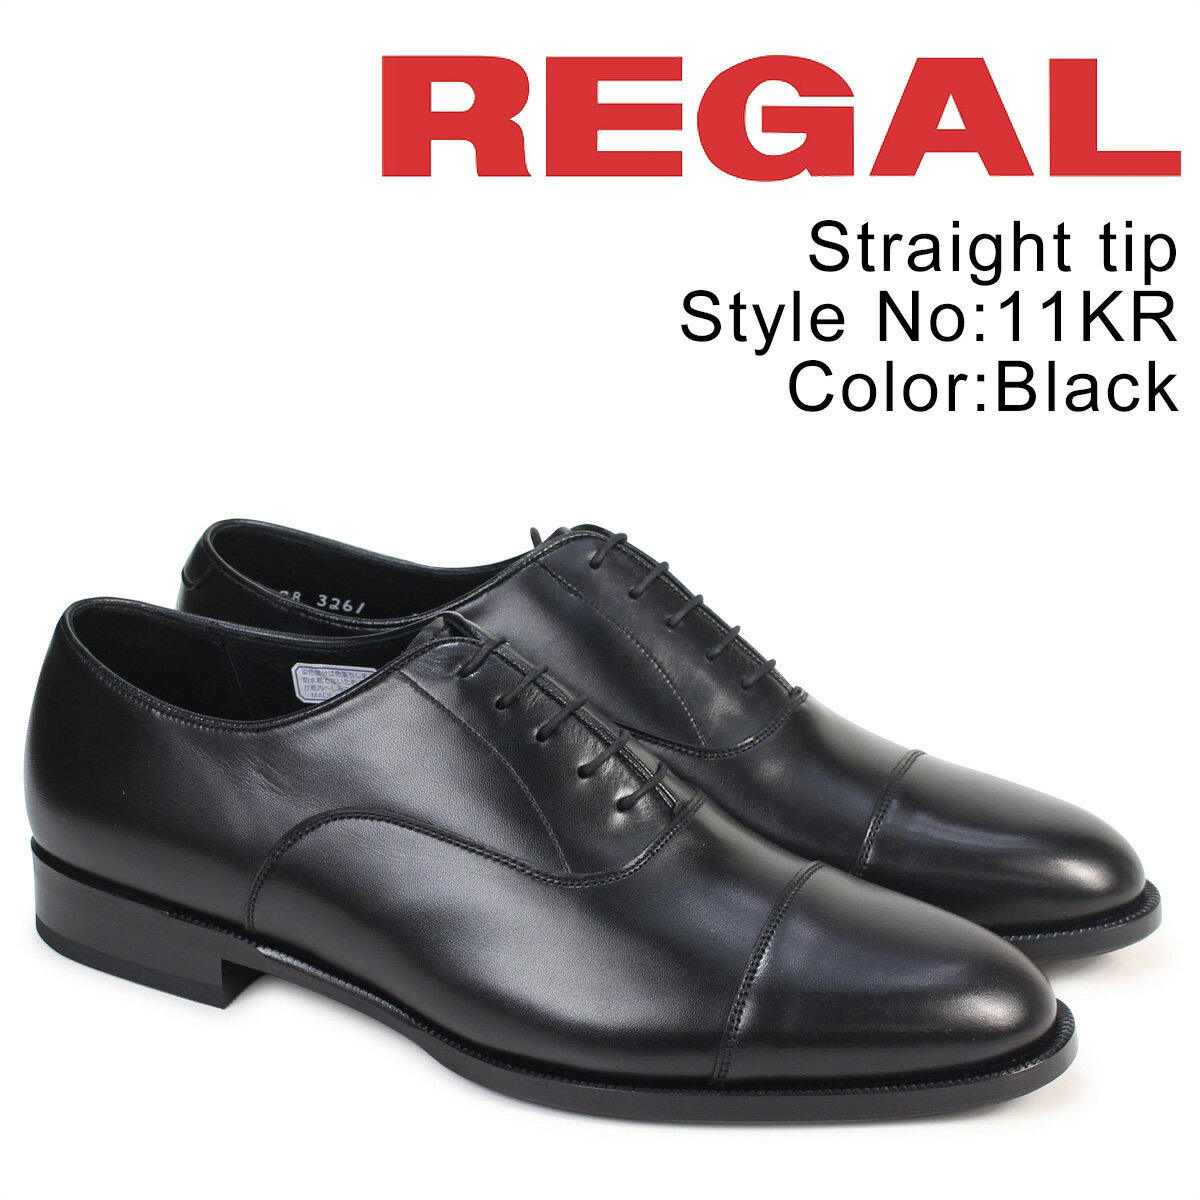 リーガル 靴 メンズ REGAL ストレートチップ 11KRBD ビジネスシューズ 日本製 ブラック [9/7 追加入荷]